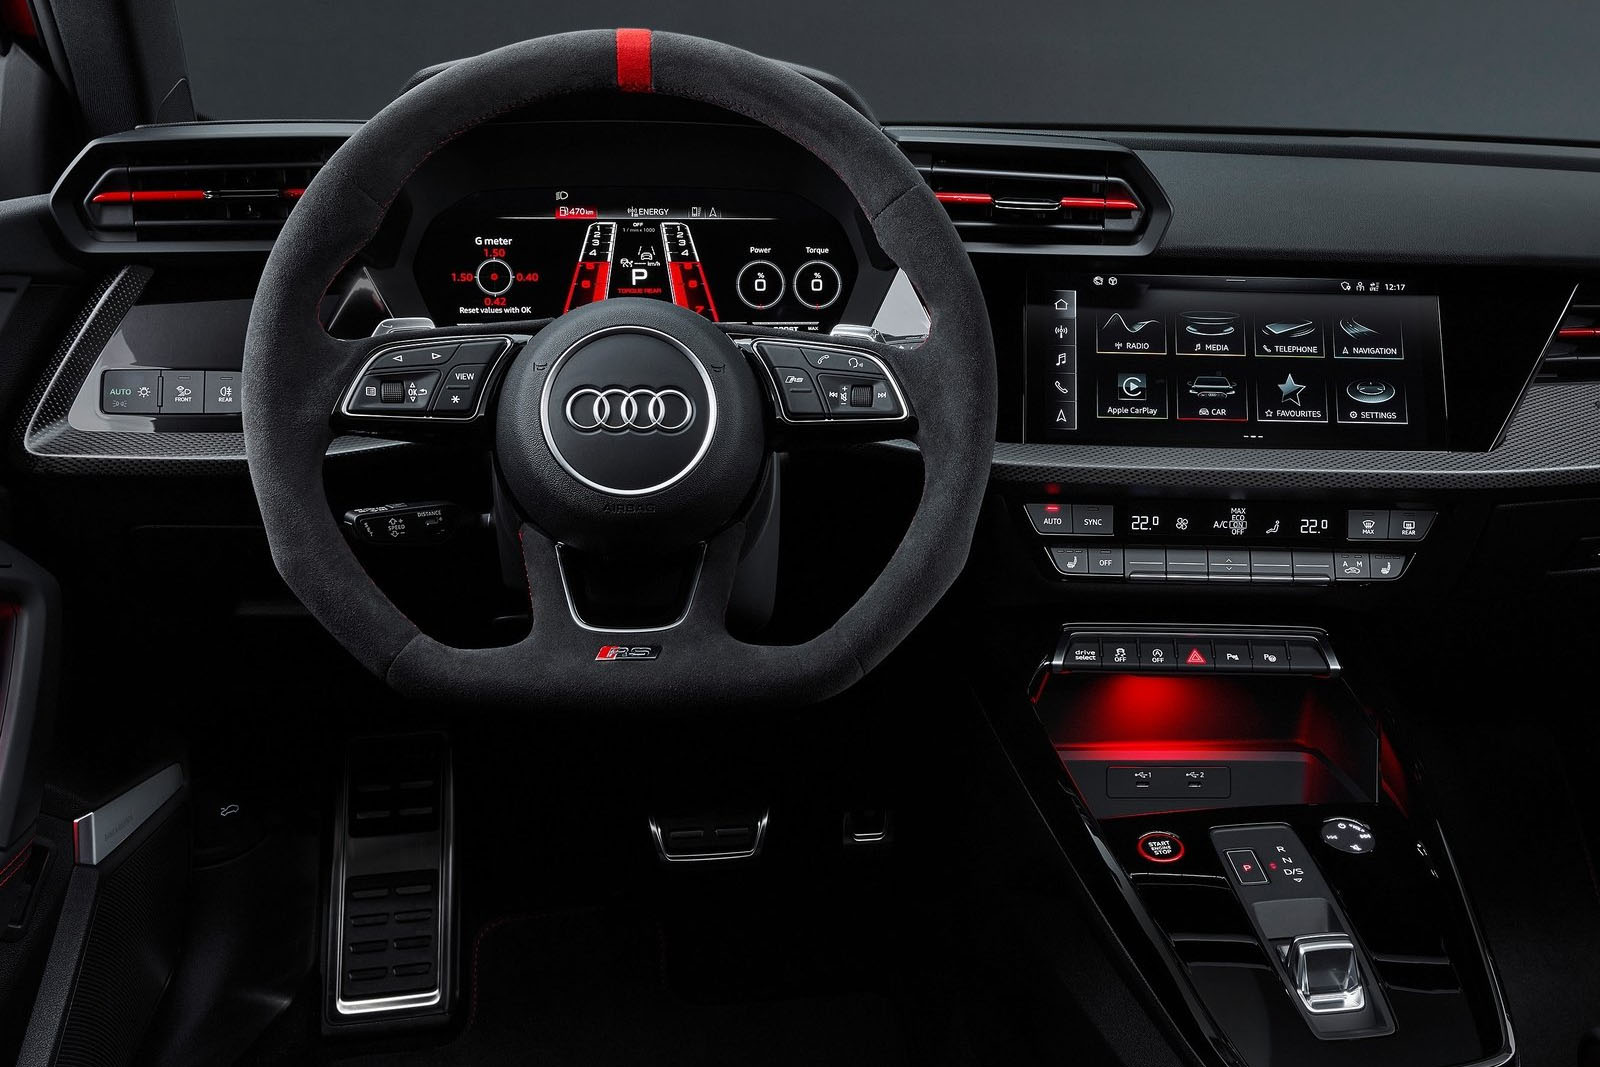 Audi RS3-2022 interior